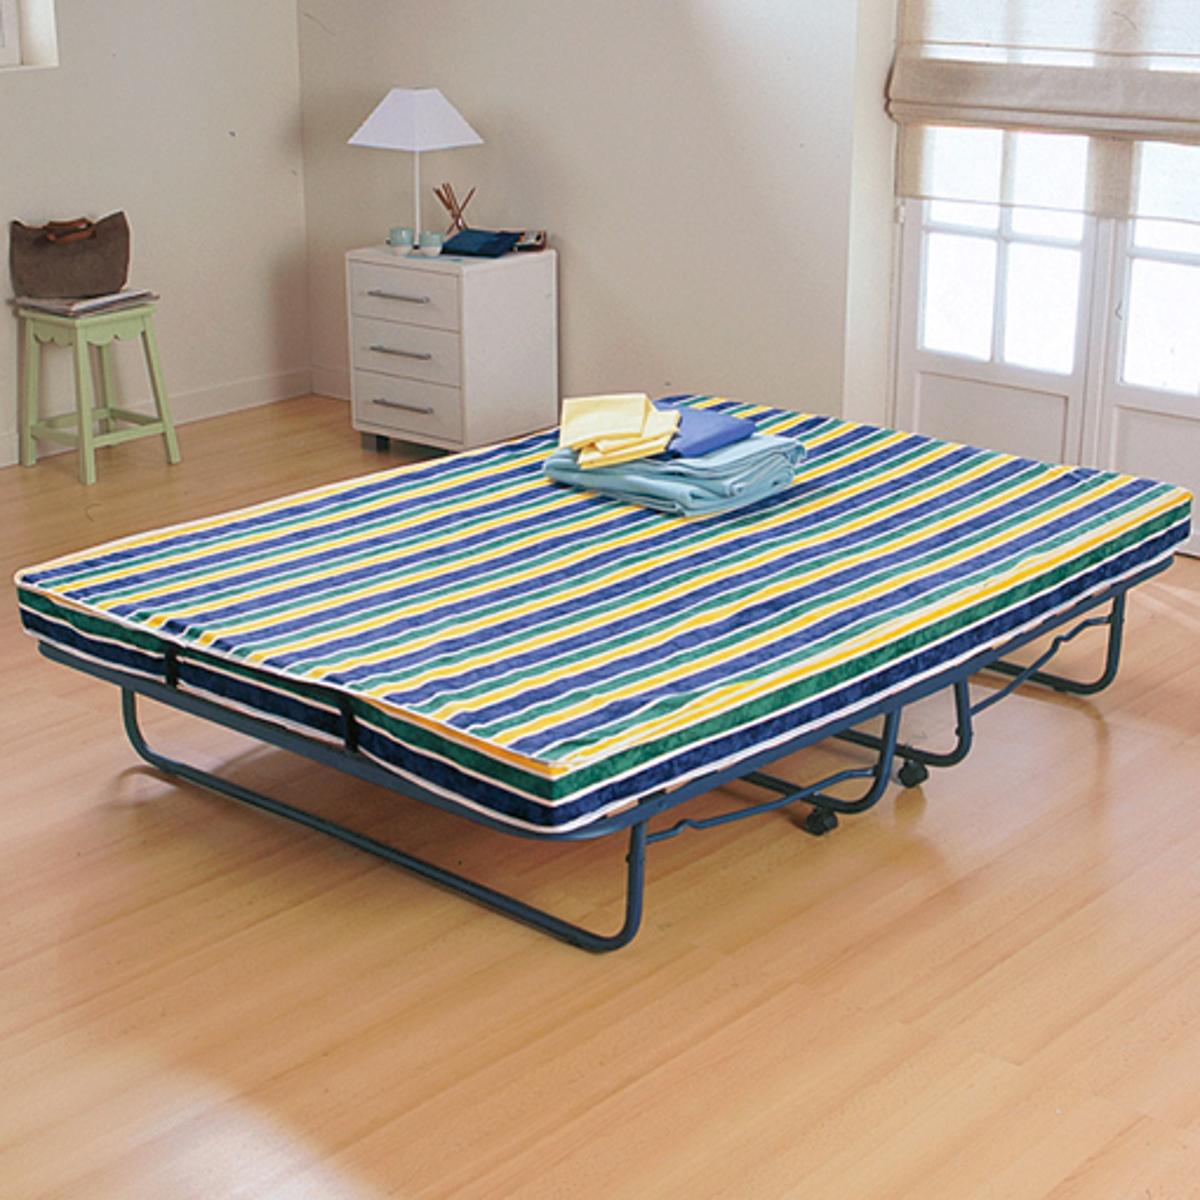 Раскладная La Redoute Кровать сетка из реек прочный комфортный матрас 70 x 190 см другие кровать la redoute с основой под матрас trianon 140 x 190 см белый